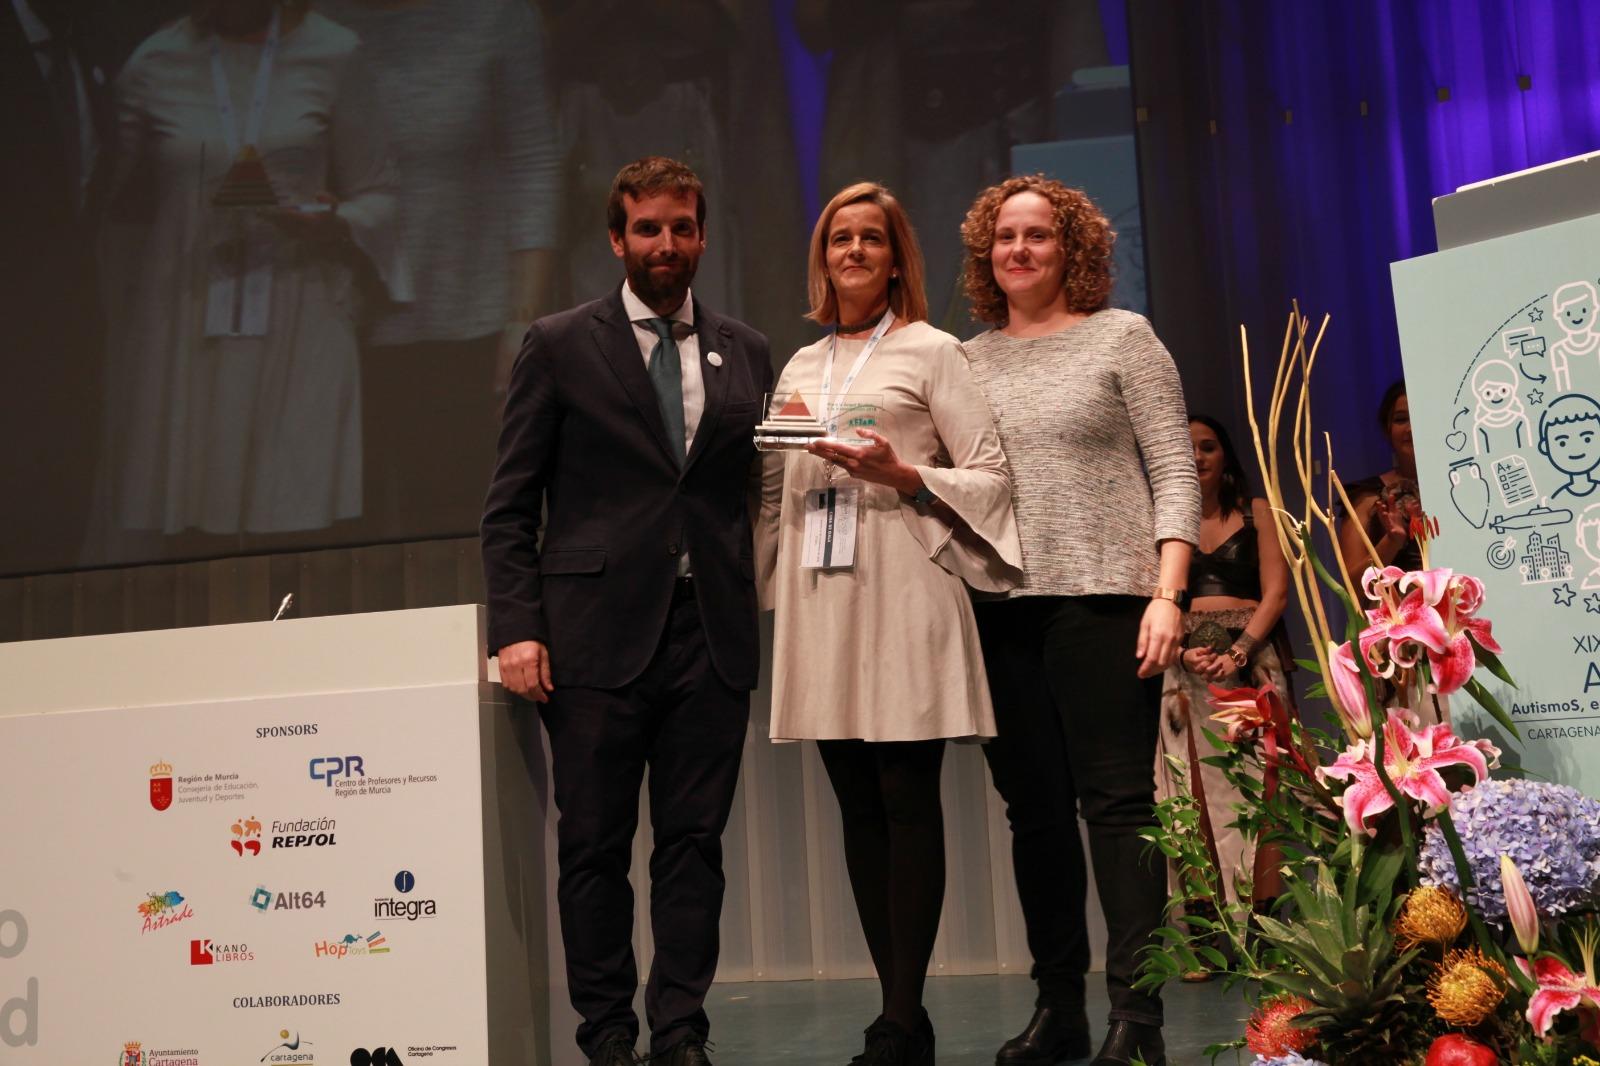 María Jiménez galardonada con el Premio Ángel Riviere 2018 de investigación